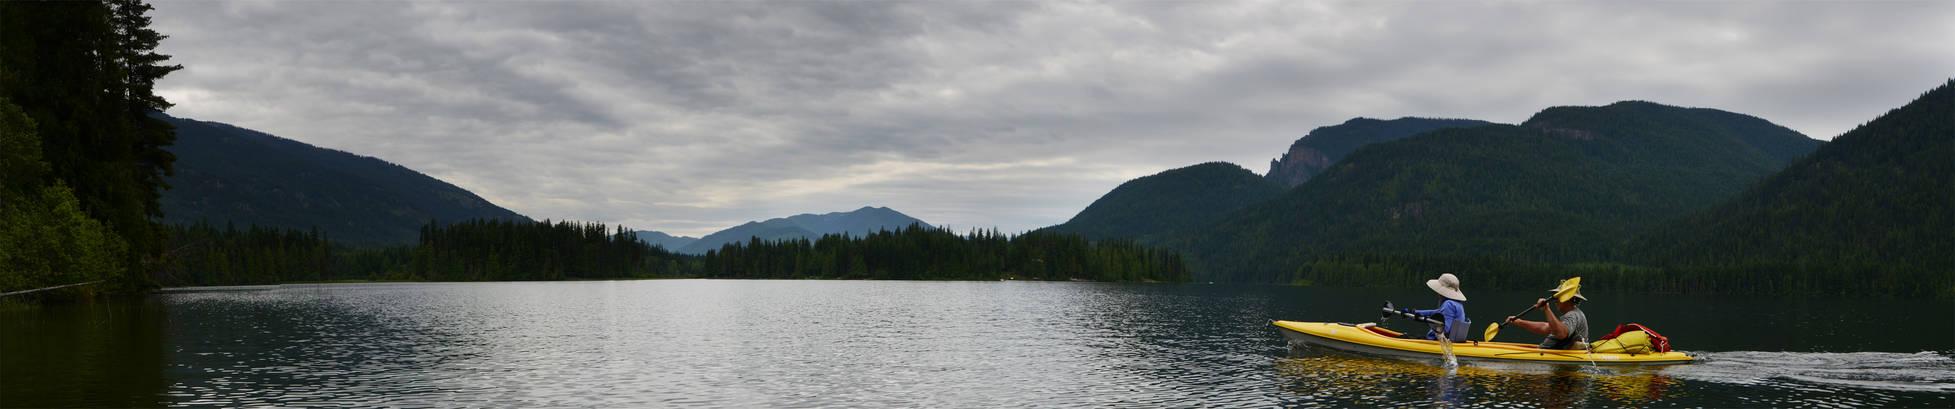 Bull Lake 2012-06-25 1